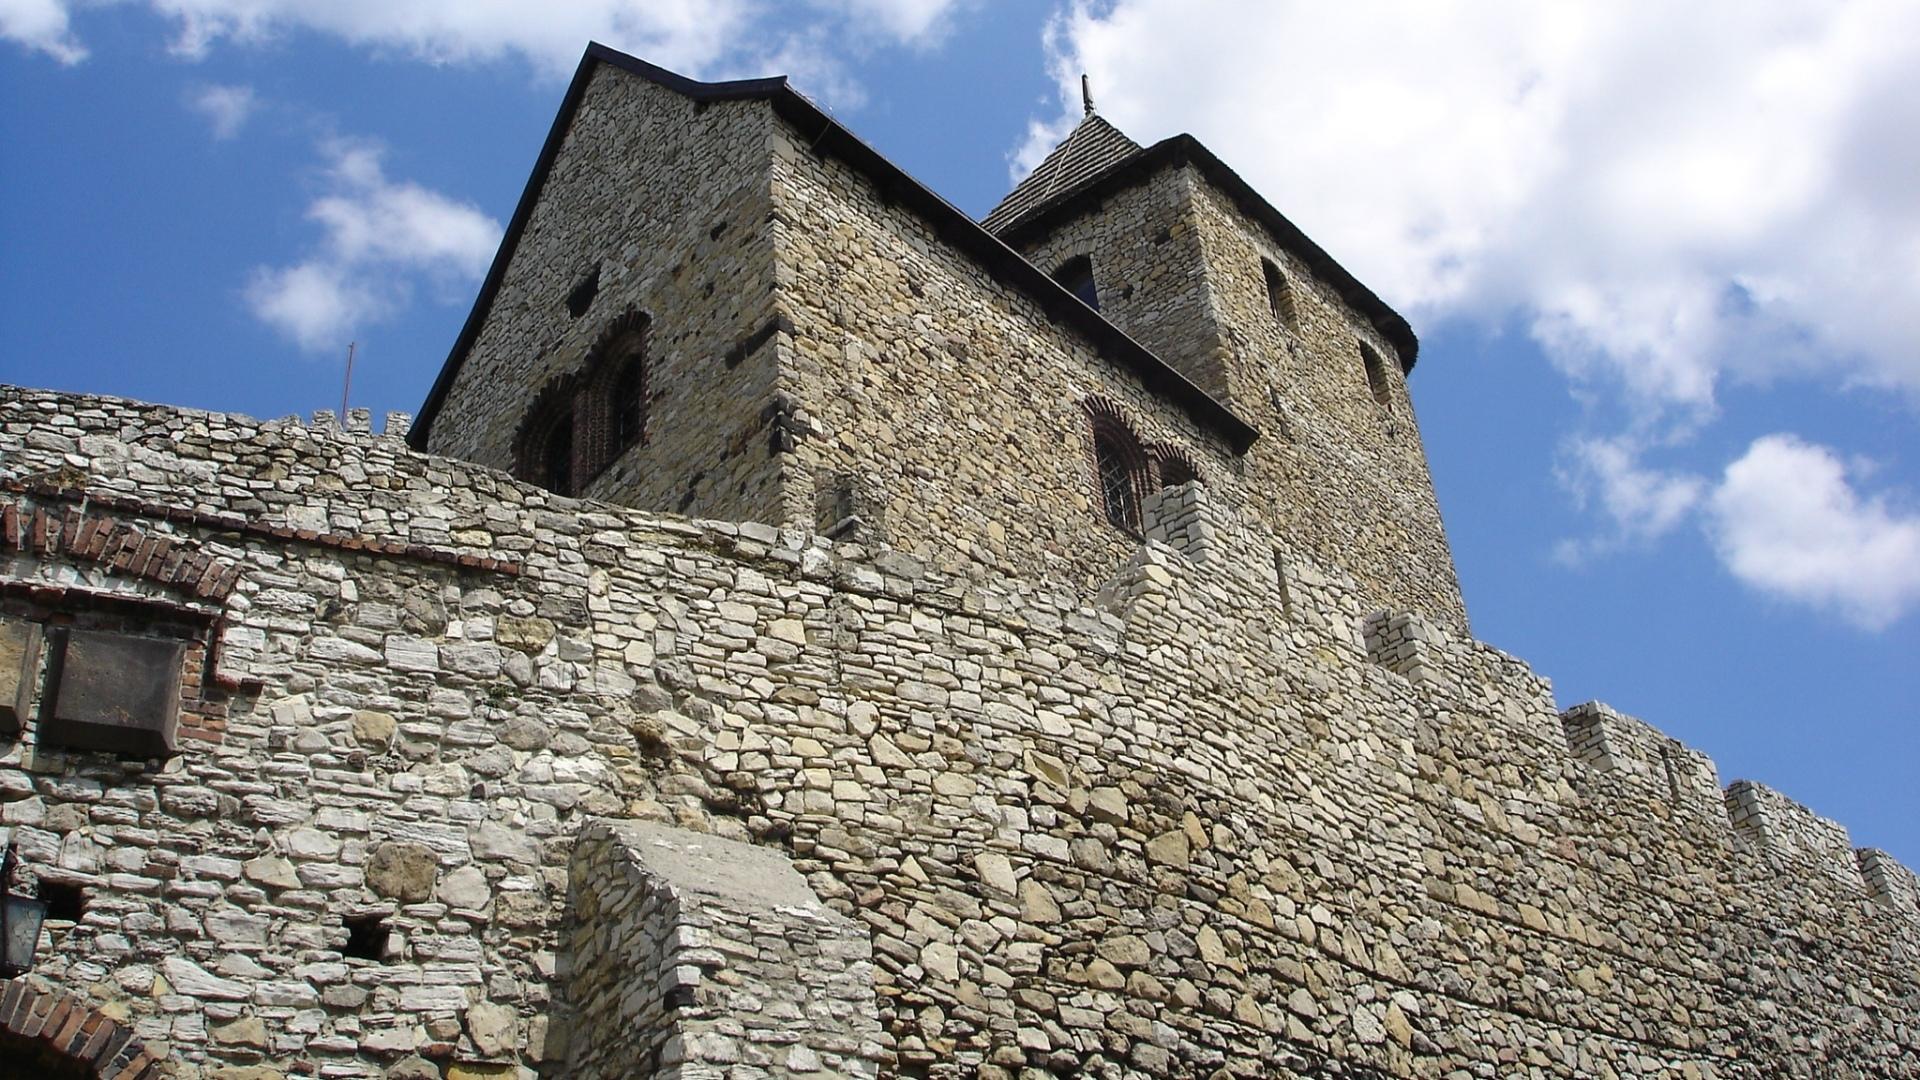 Bedzin Castle wallpapers HD quality